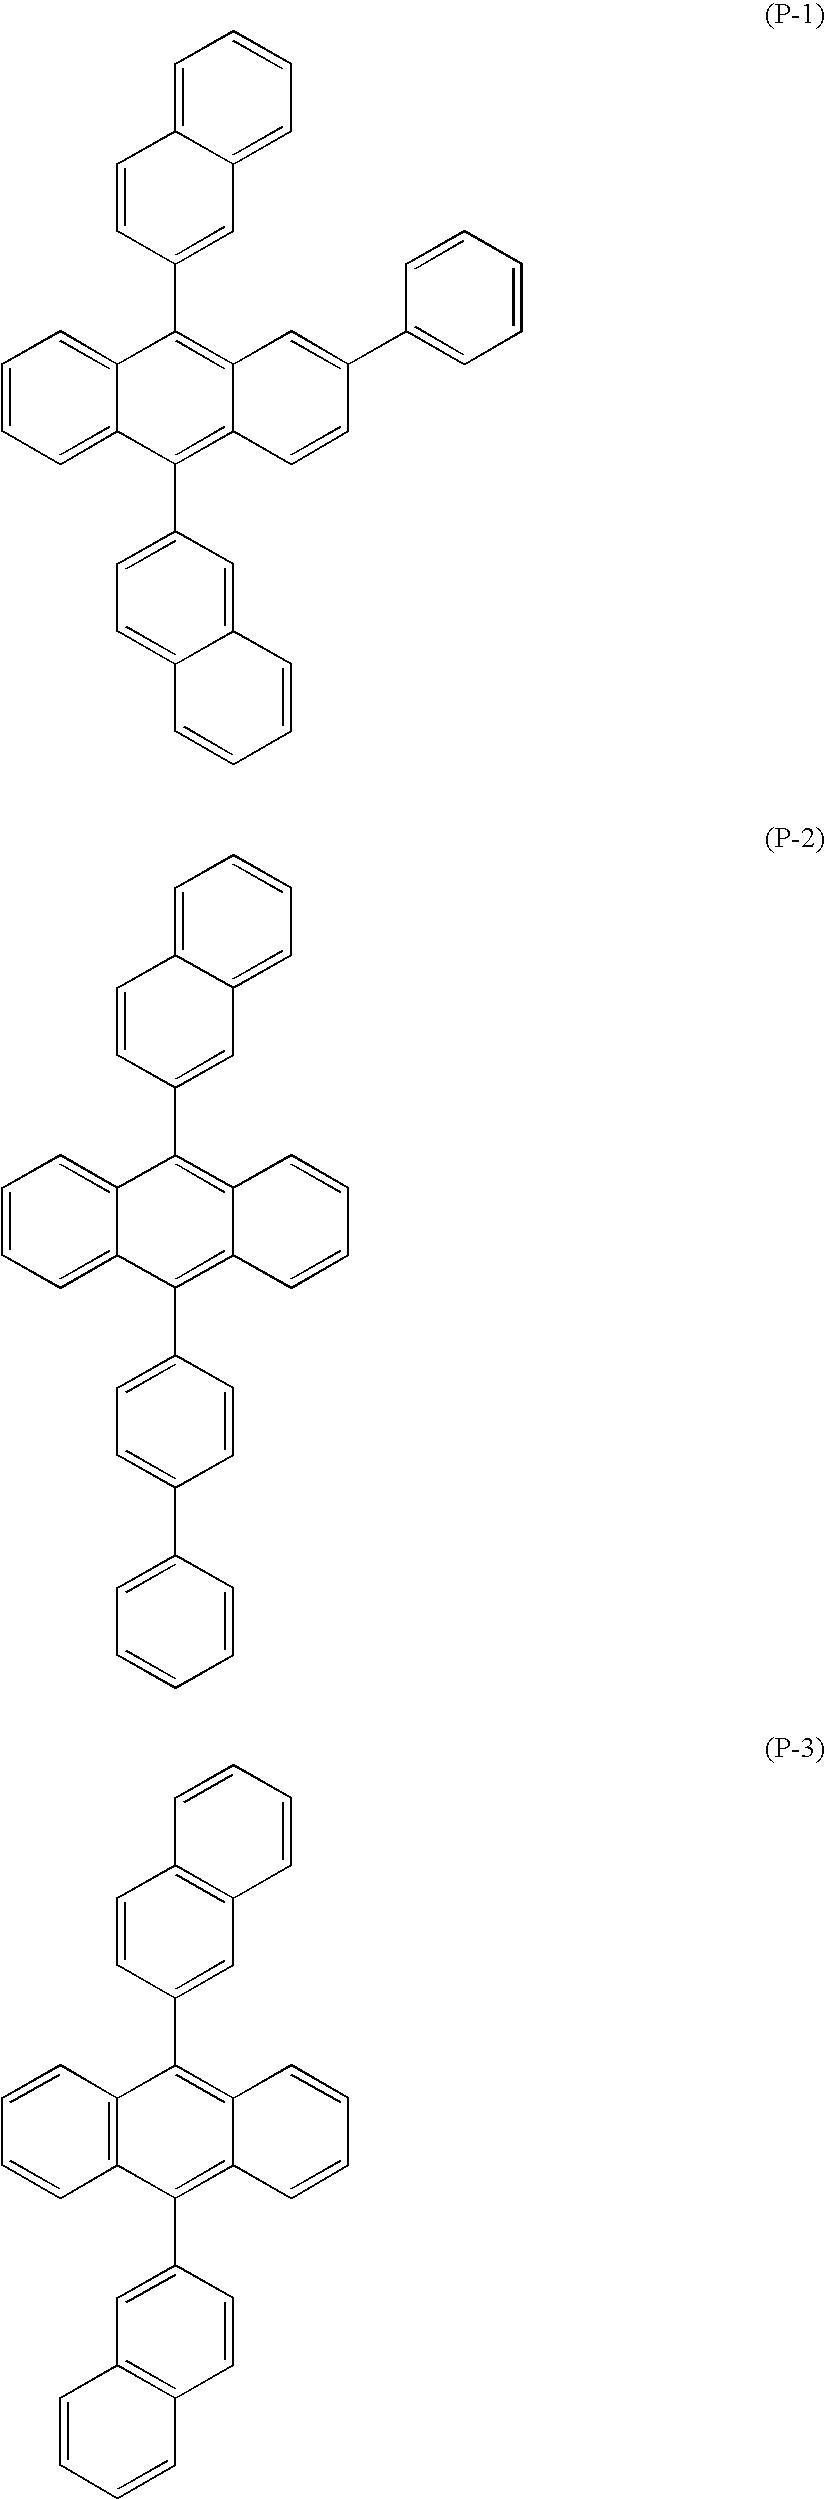 Figure US08420229-20130416-C00060